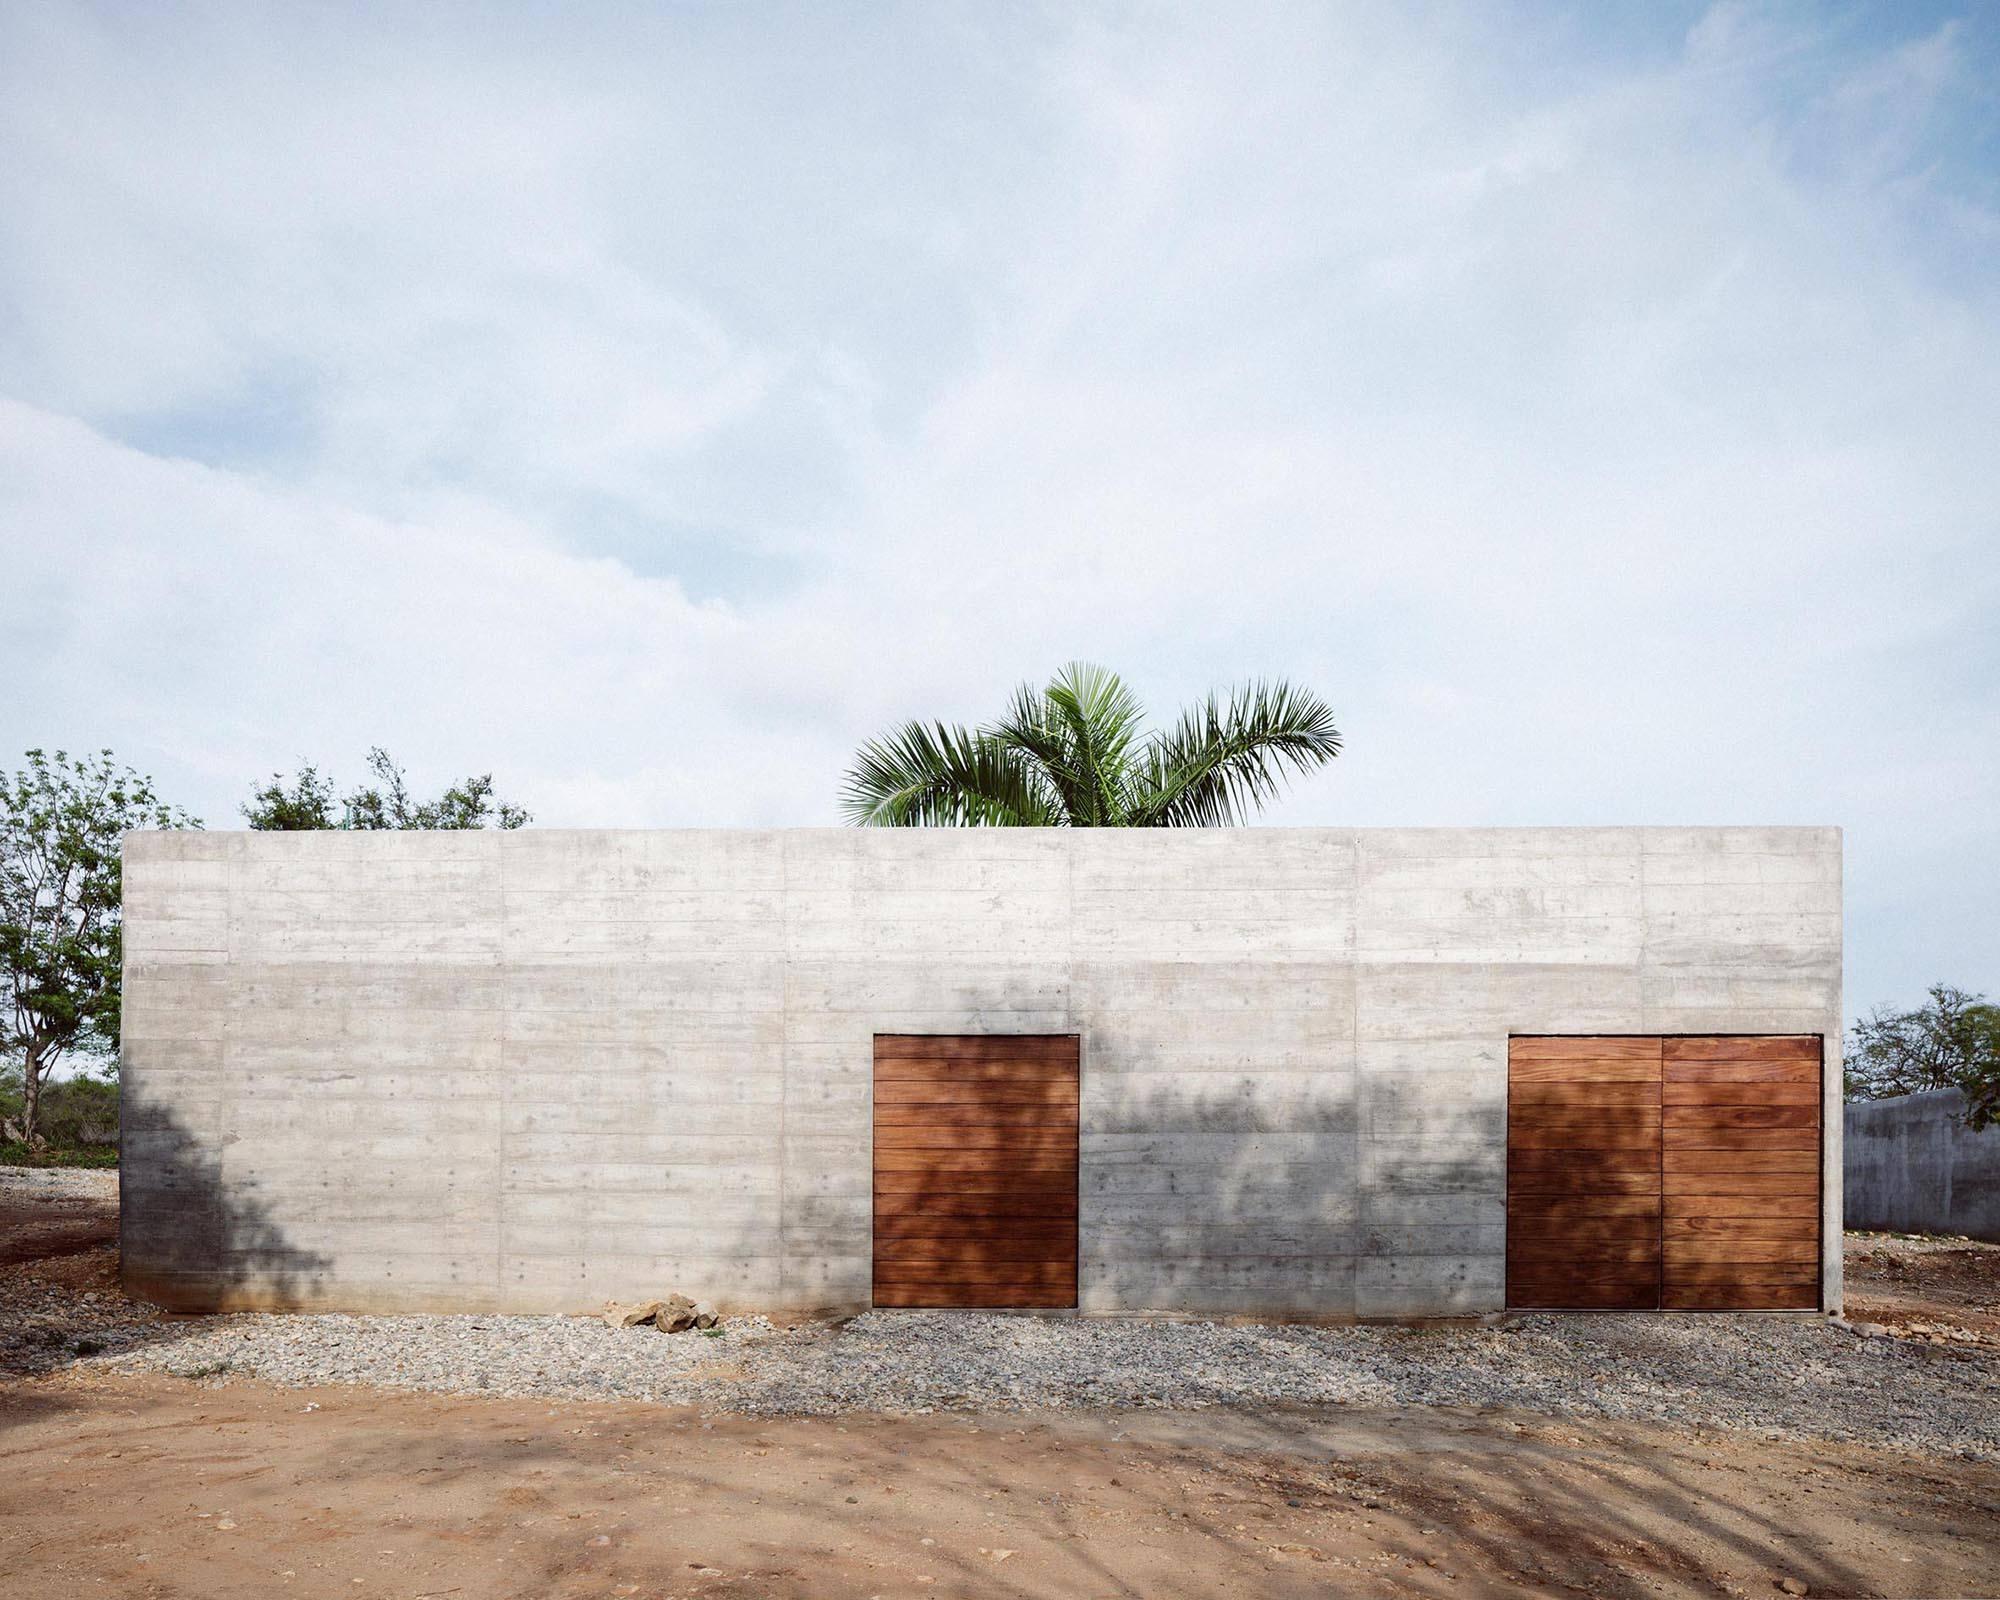 iGNANT-Architecture-Ludwig-Godefroy-Zicatela-House-010